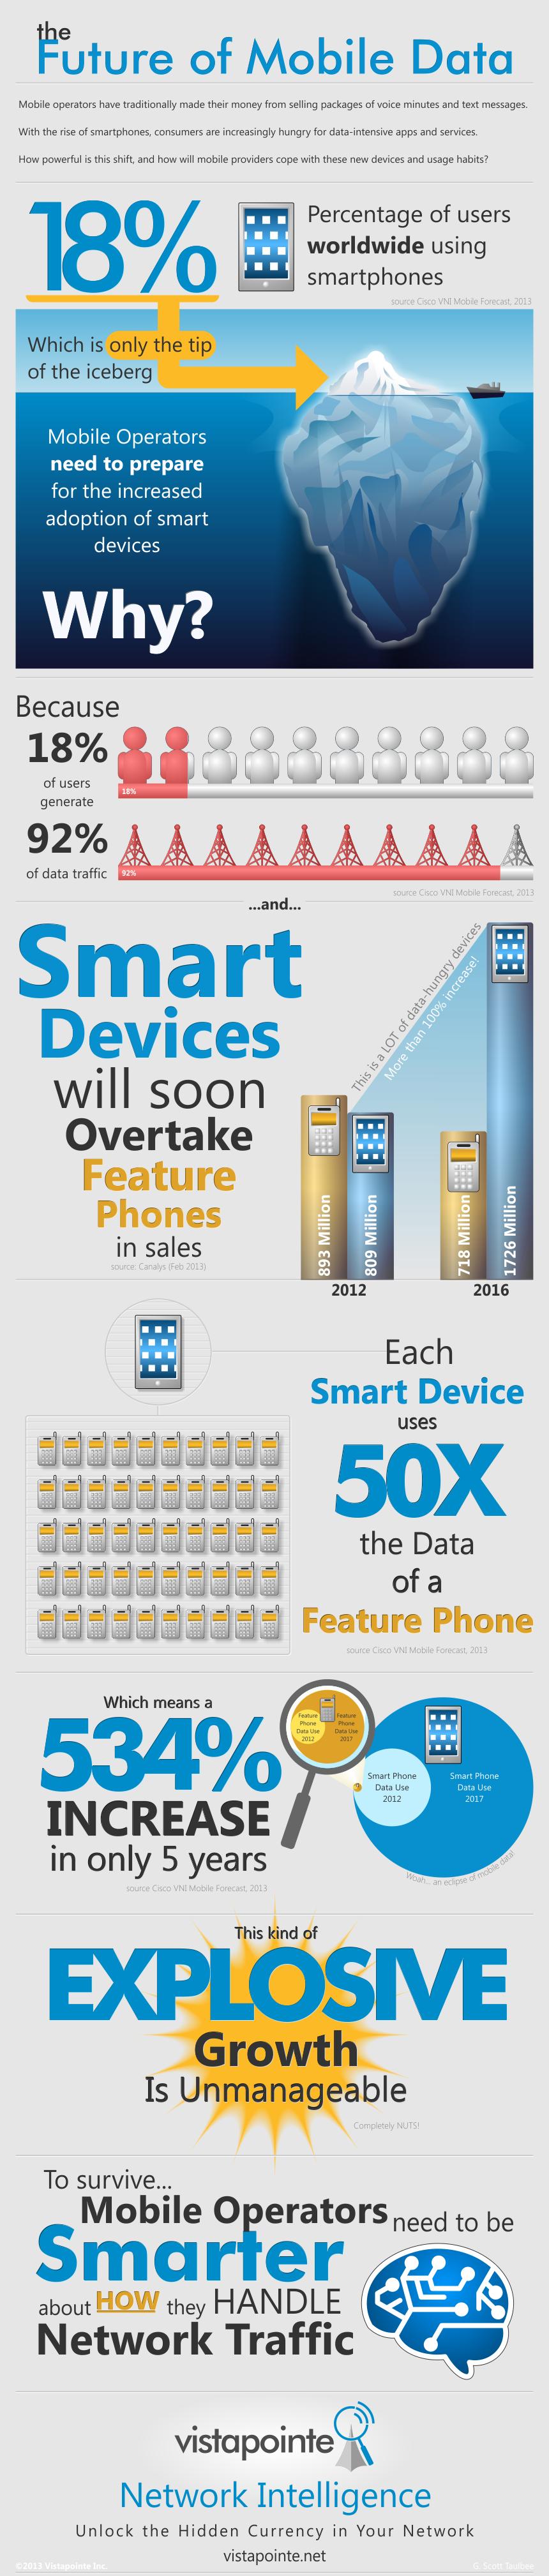 Future of Mobile Data